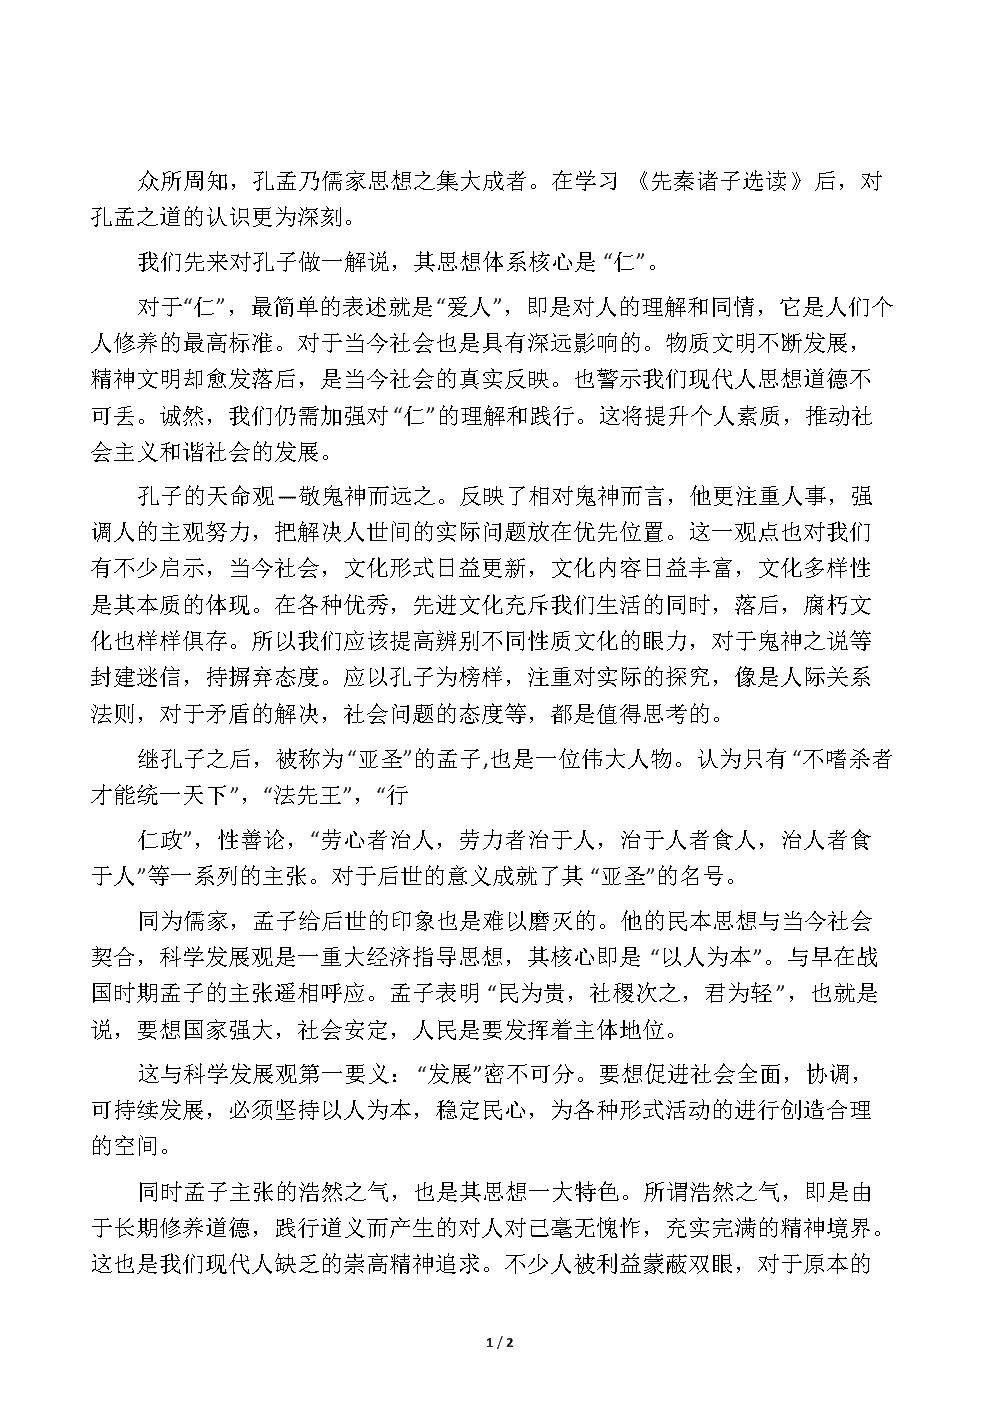 《先秦诸子选读》读后感范文.docx